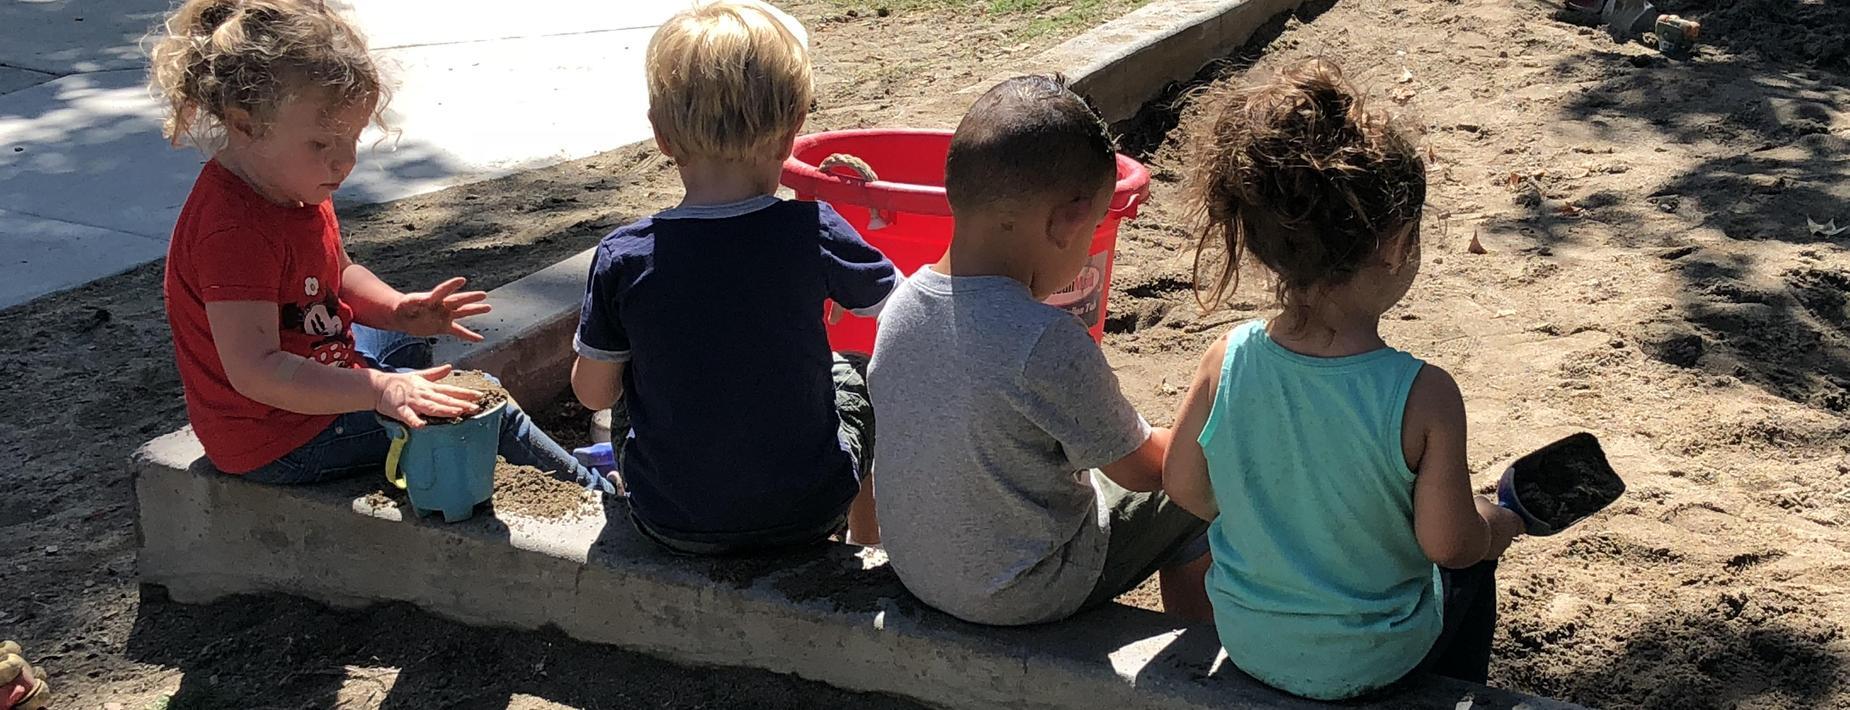 Preschoolers at Recess